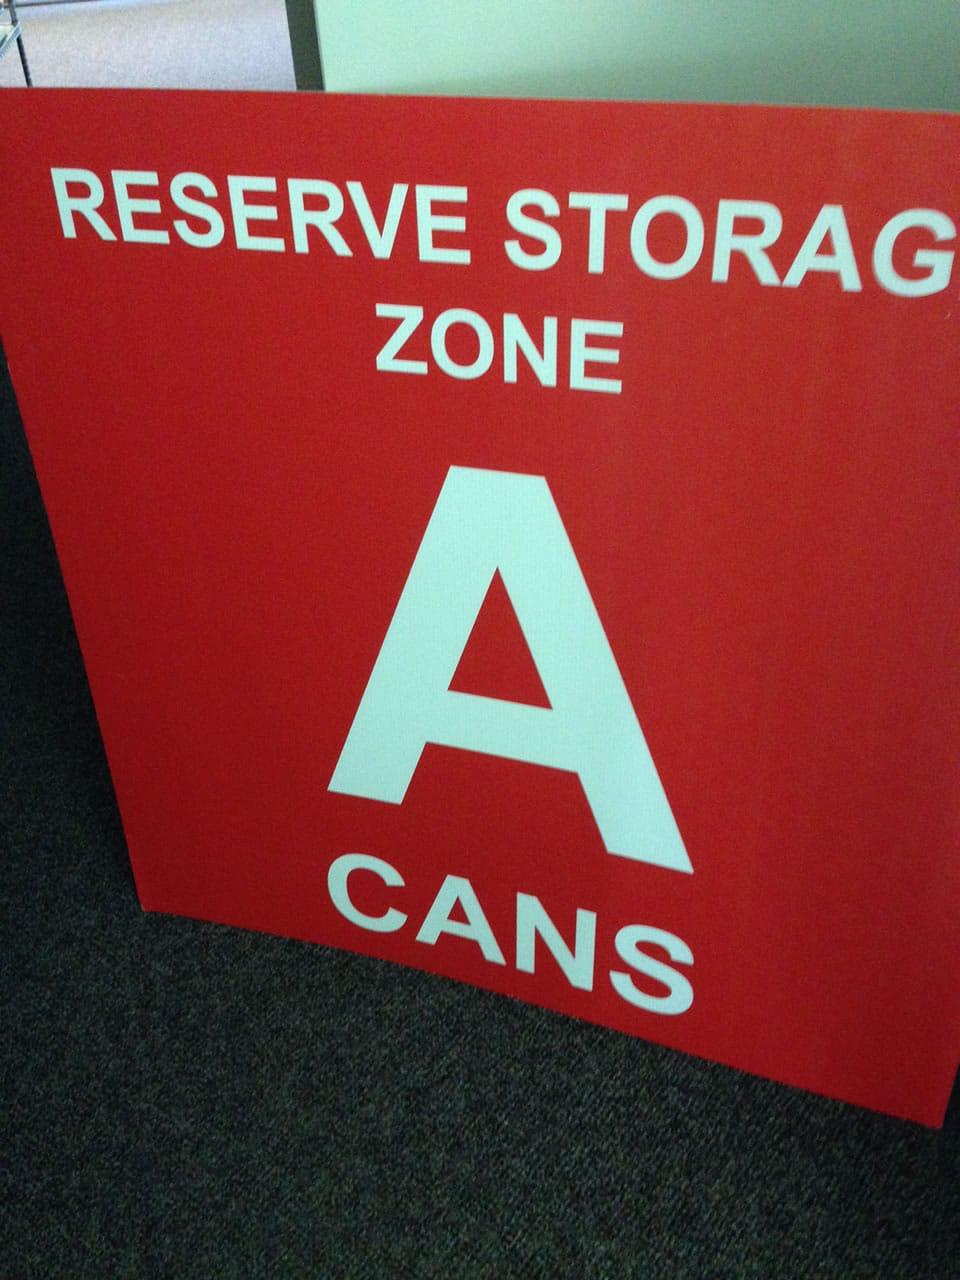 Reserve Storage Large Format Sign